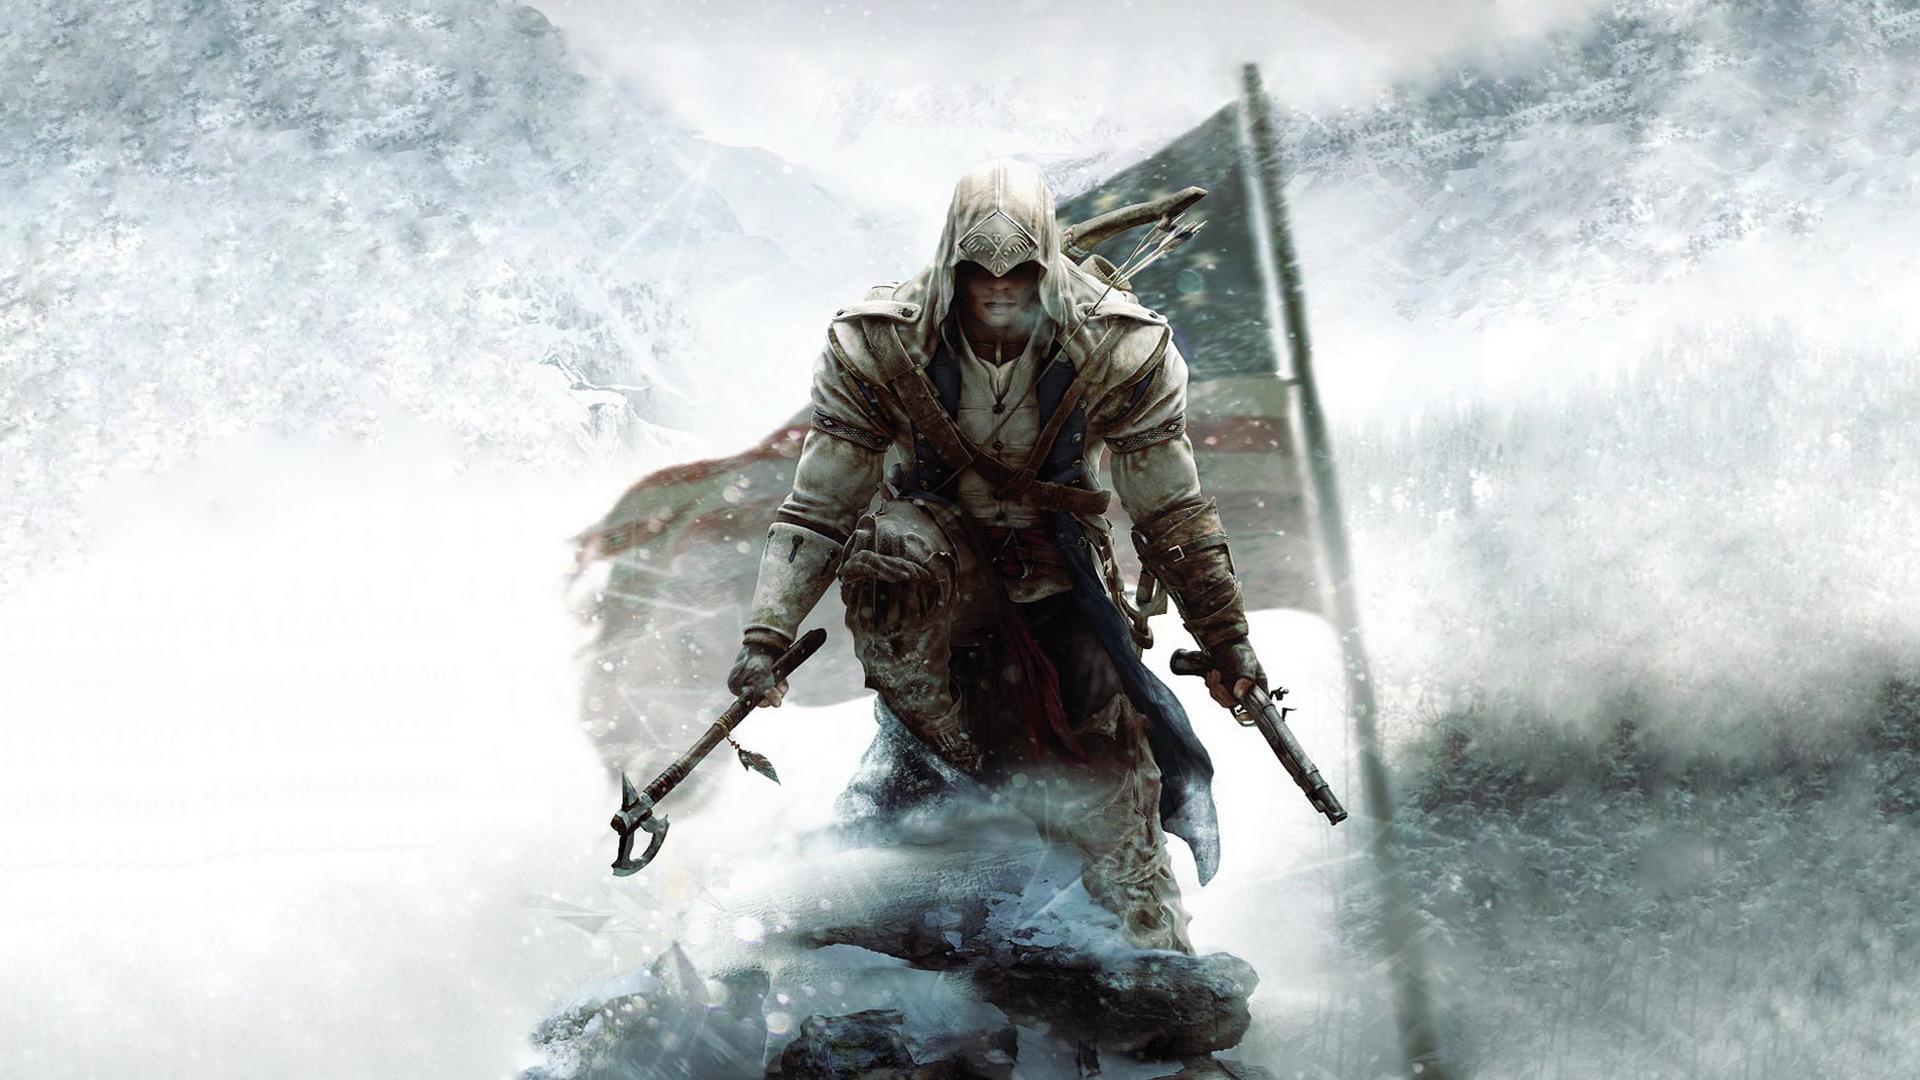 15793 скачать обои Игры, Кредо Убийцы (Assassin's Creed) - заставки и картинки бесплатно